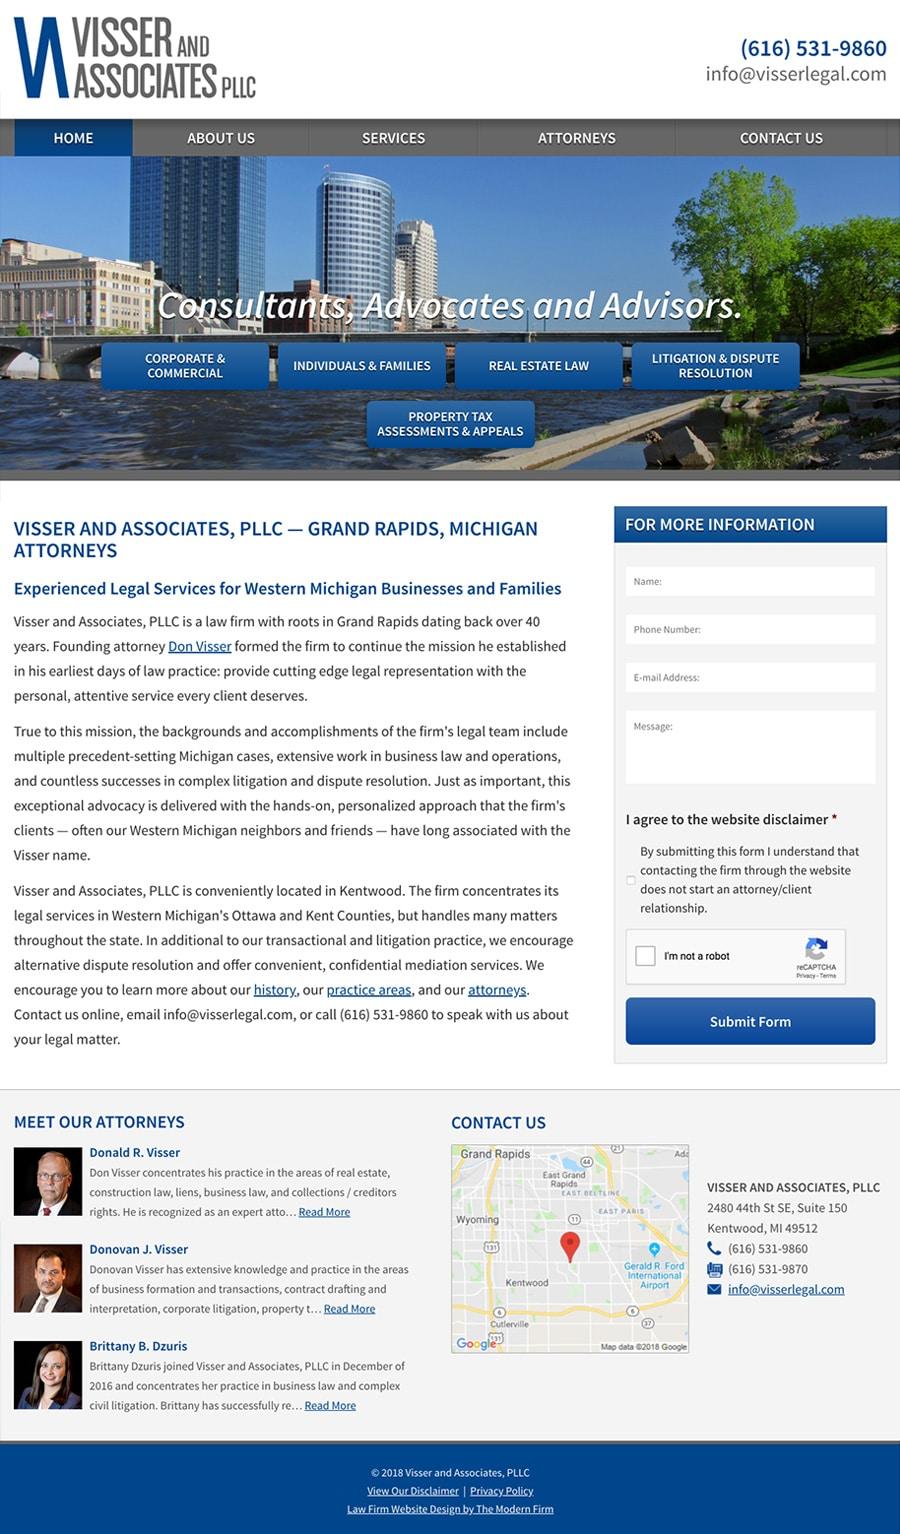 Law Firm Website Design for Visser and Associates, PLLC